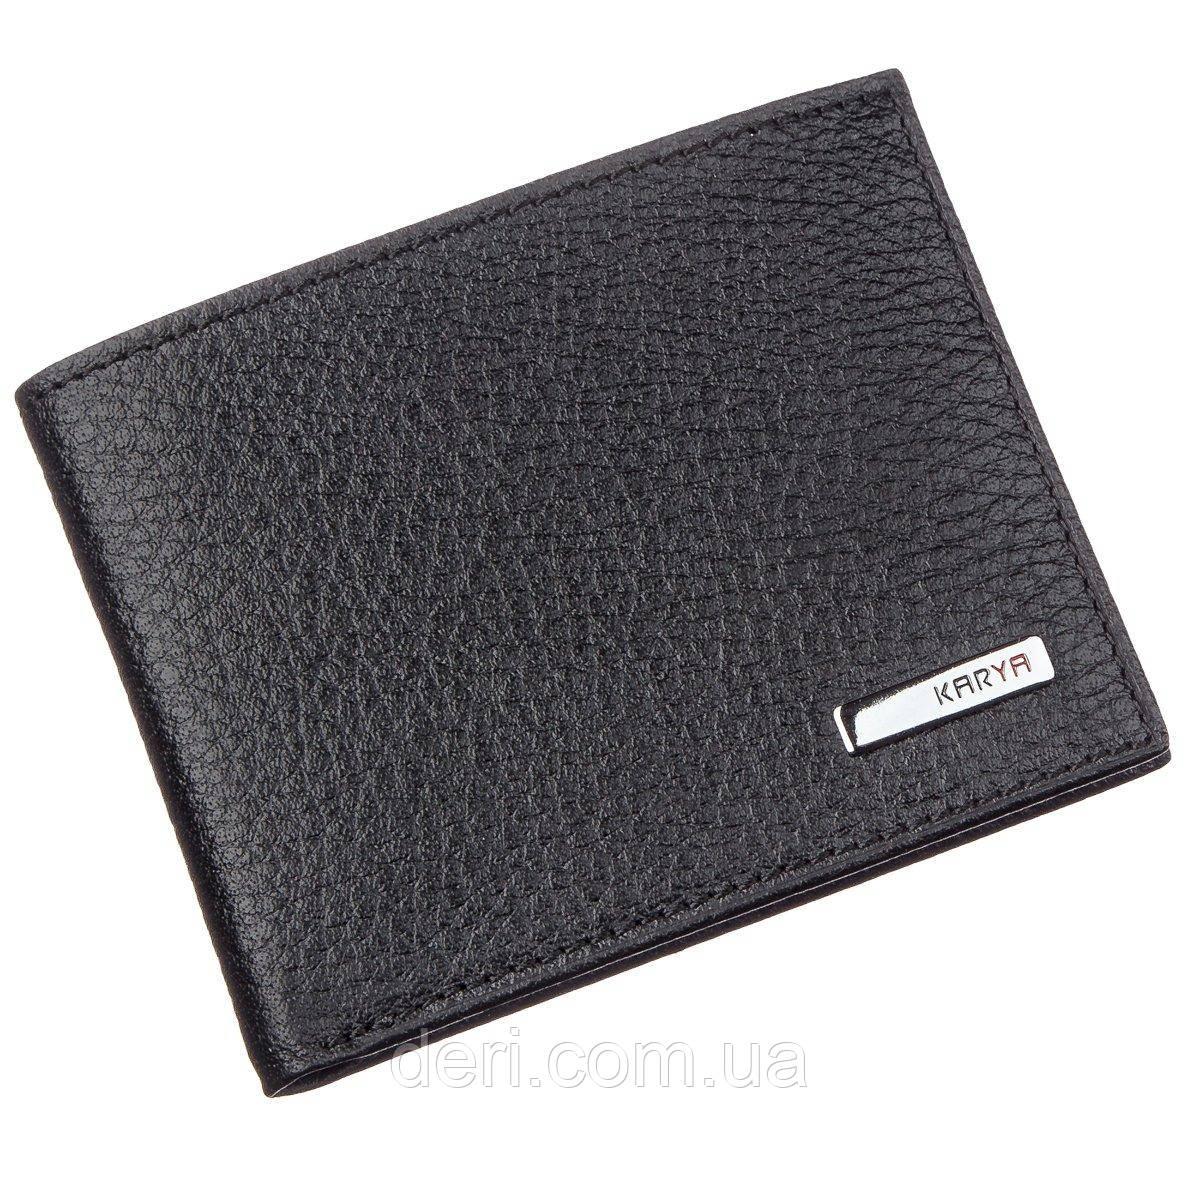 Тонкий чоловічий гаманець шкіра флотар чорний